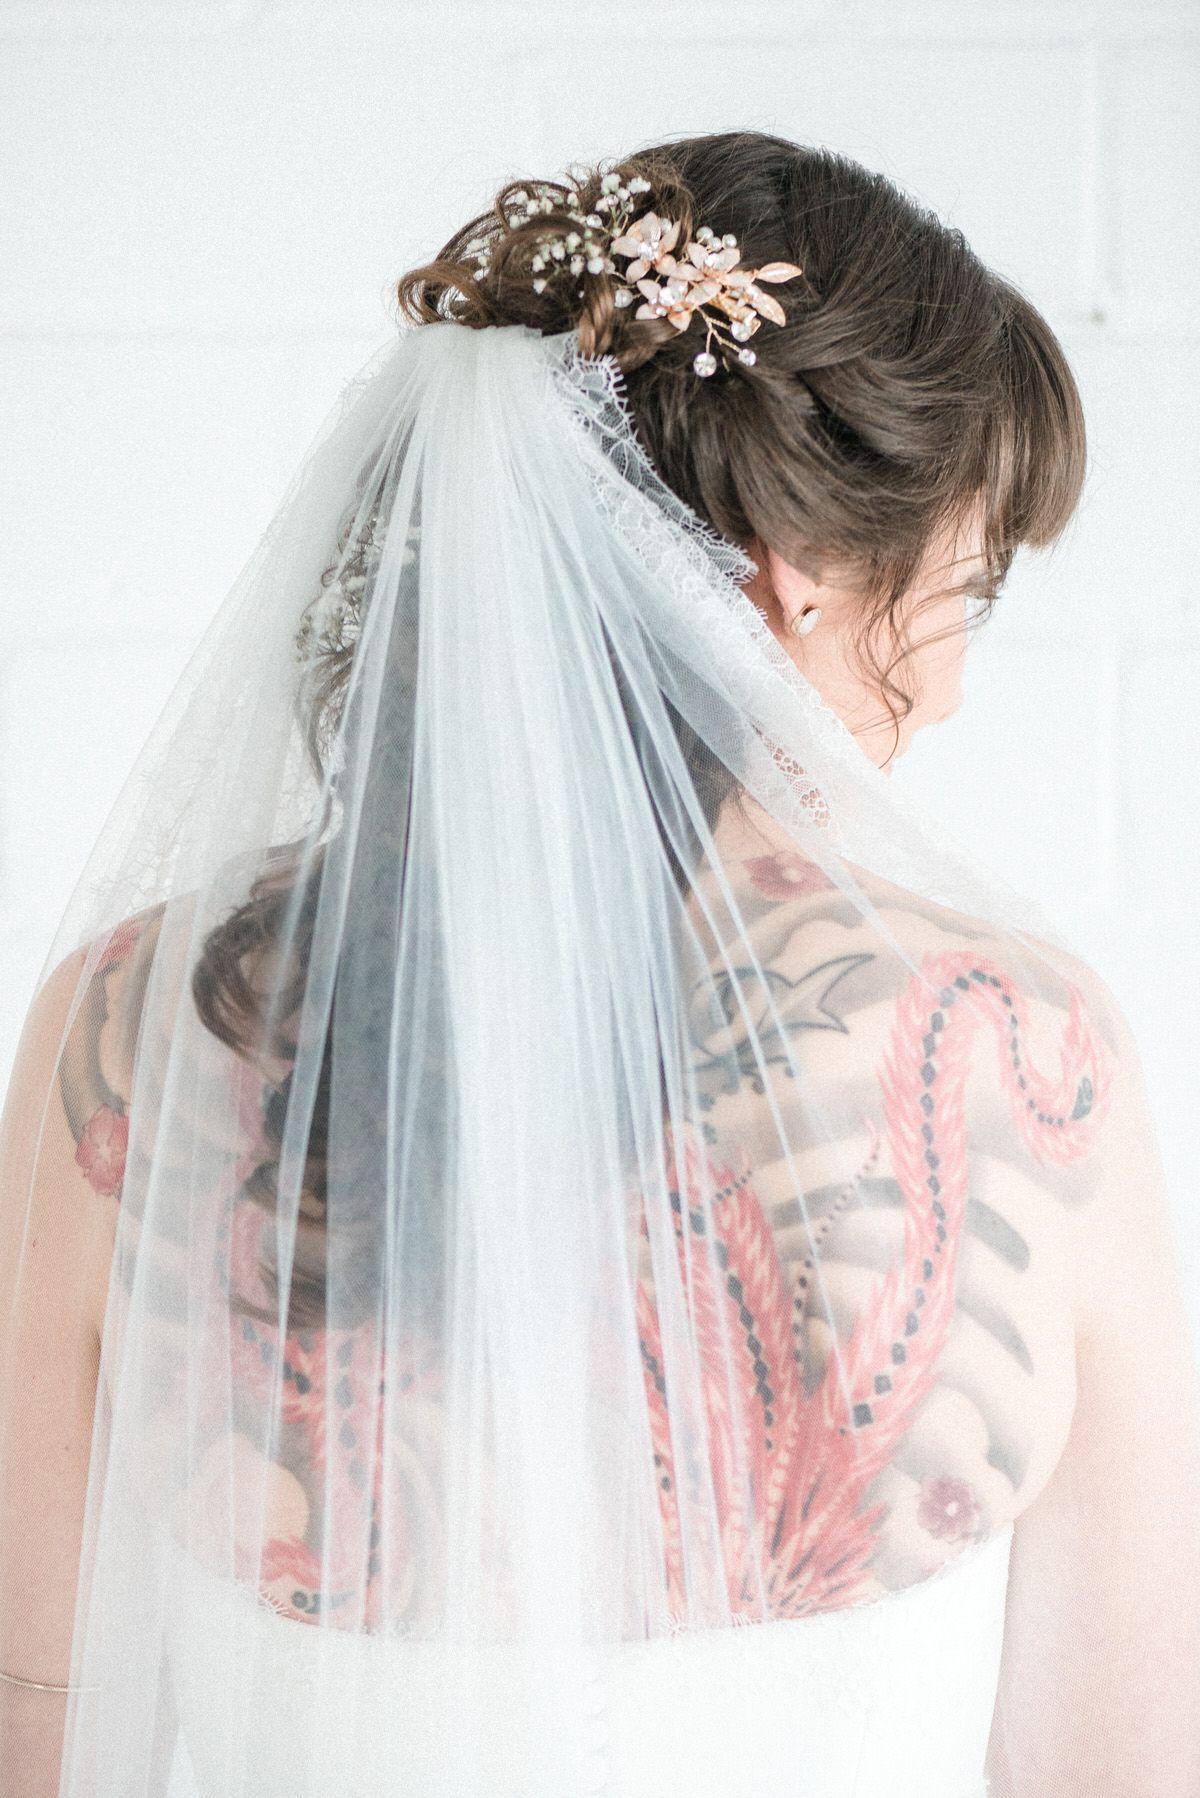 Brautfrisur Mit Schleier Ruckentattoo Offene Haare Headpiece